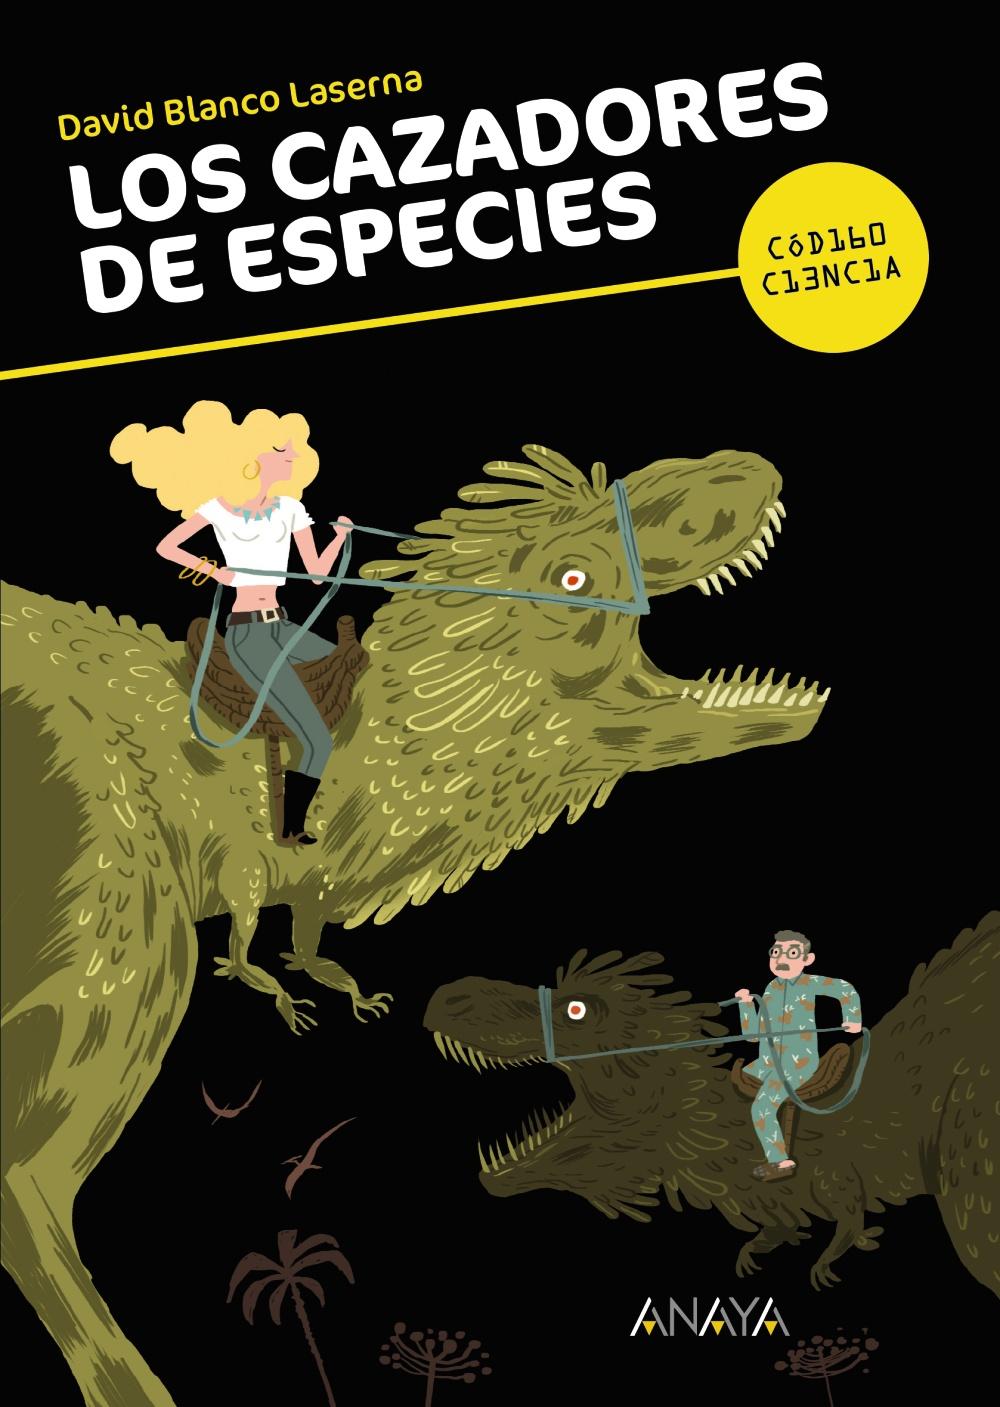 Los cazadores de especies. De David Blanco Laserna